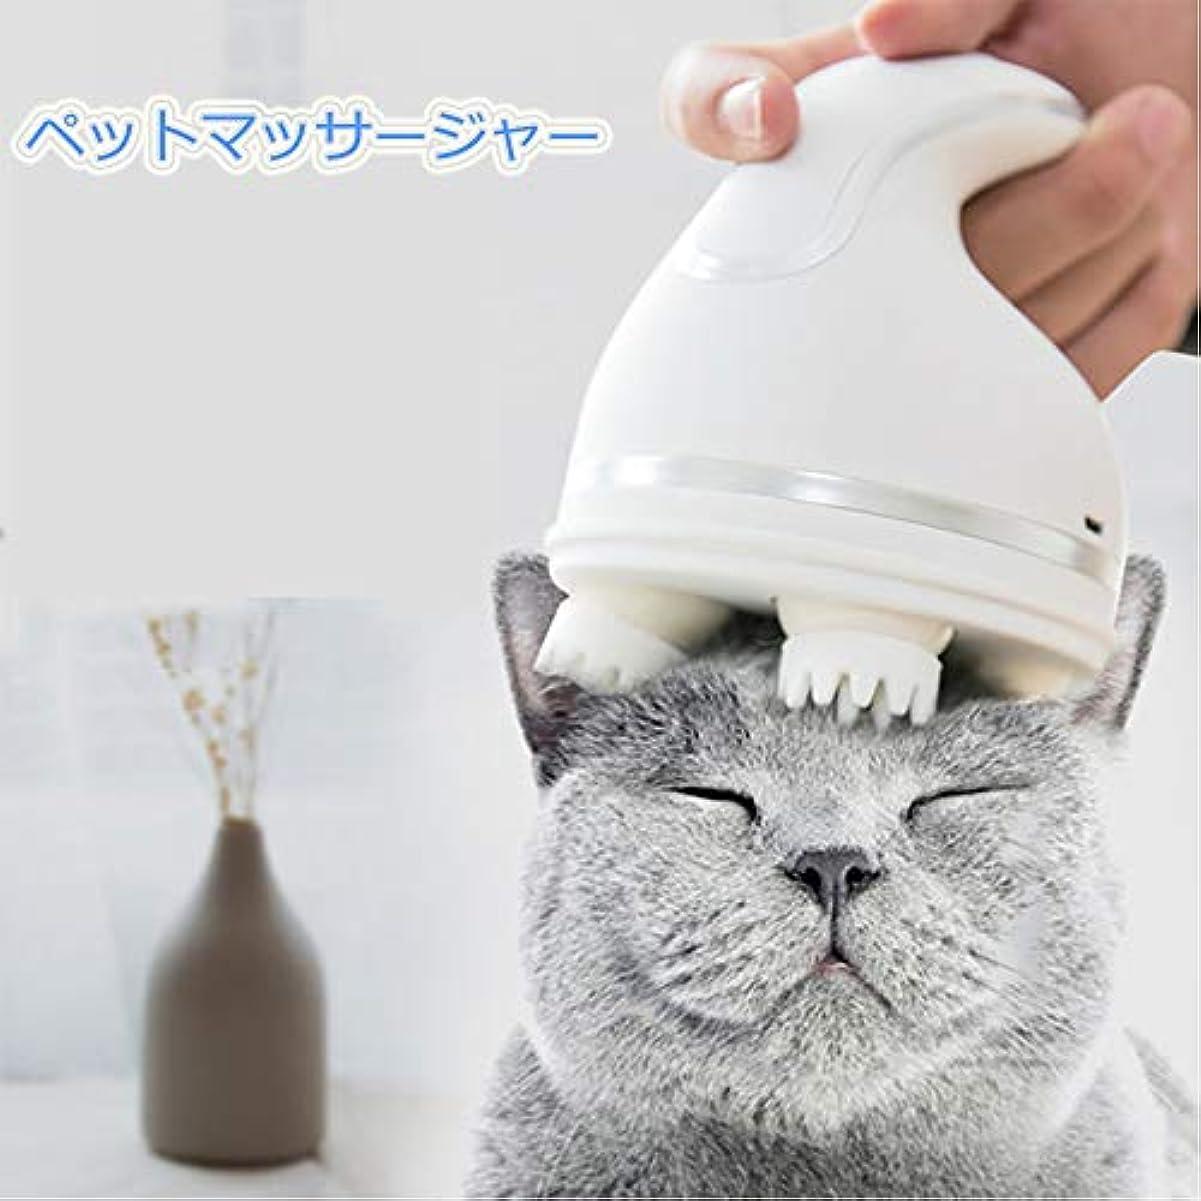 ハック根絶する酸素ペットマッサージャー 猫マッサージ ヘッドマッサージャー 電動 ヘッドマッサージ器 猫マッサージ器 多機能 ヘッドスパ 発毛促進 血液の循環を促進する USB充電 ペット用品 ペットマッサージ